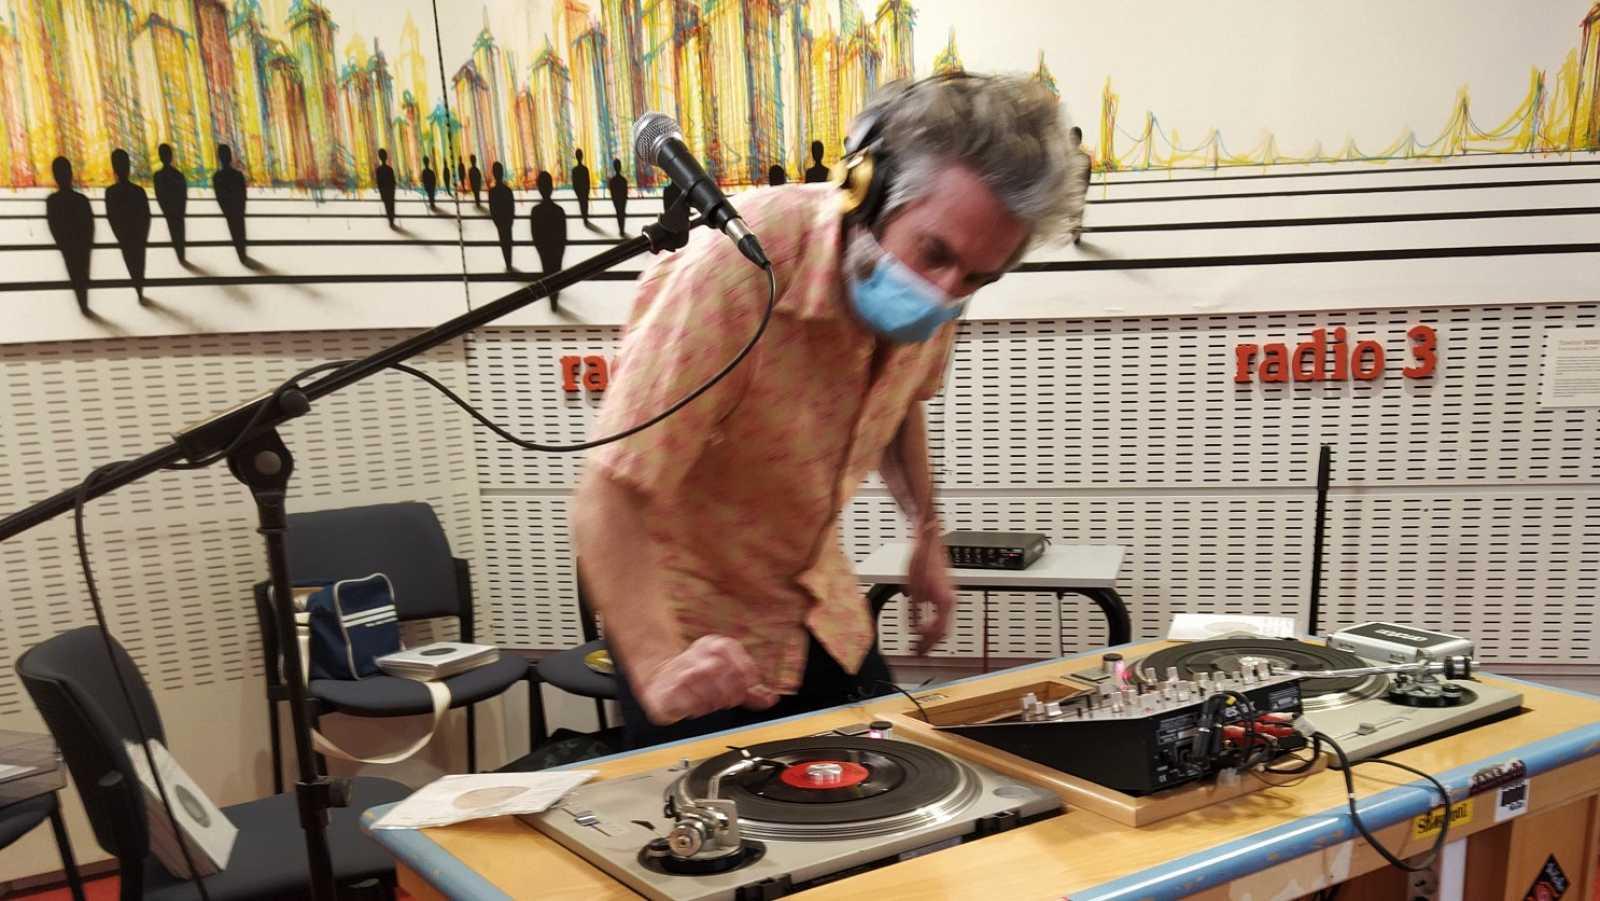 El sótano - Live DJ Session; DJ El Vidocq - 18/03/21 - escuchar ahora